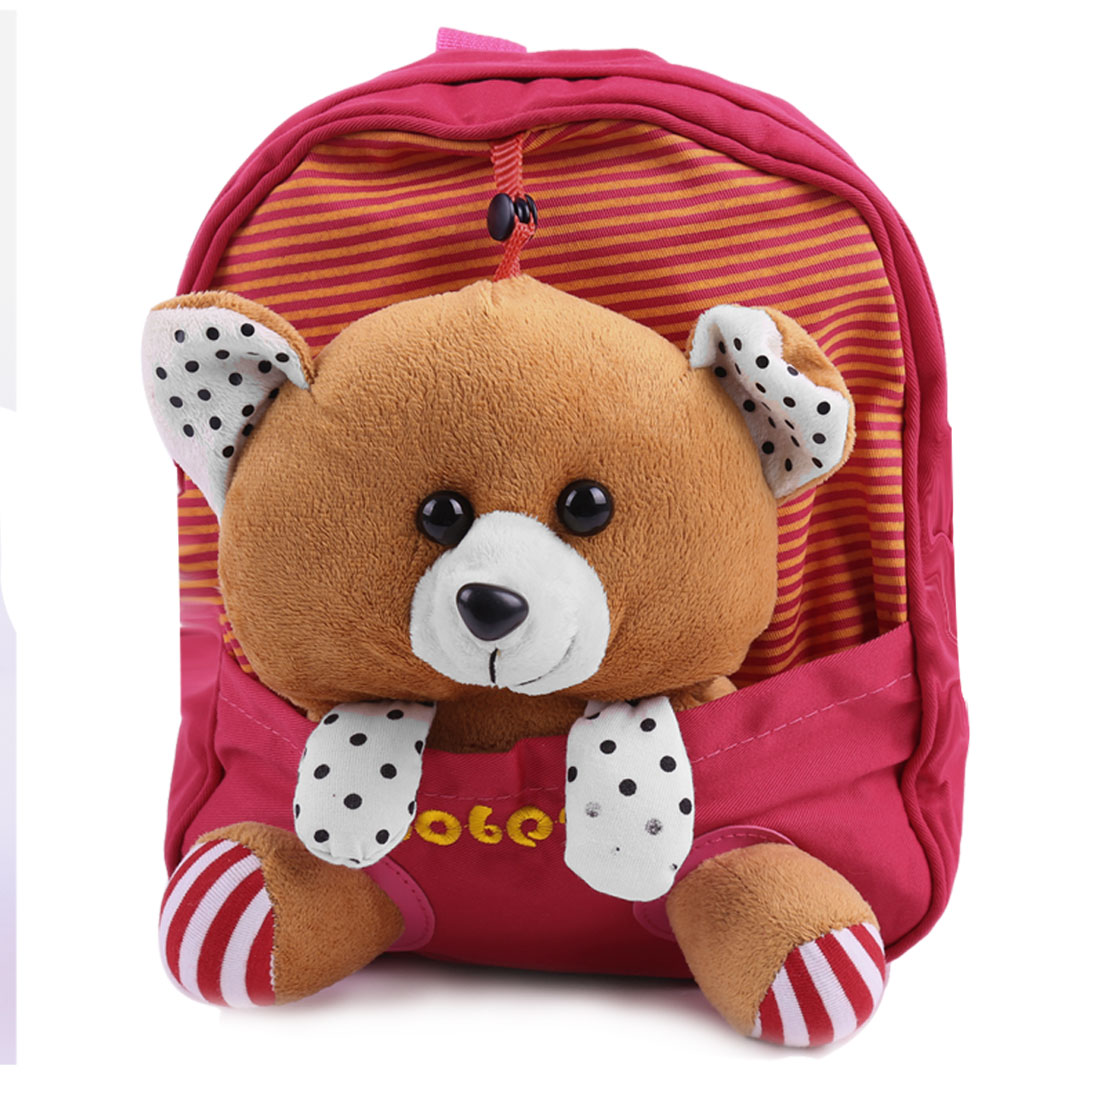 Kids Adjustable Straps Pouch Pocket Stripes Backpacks Red